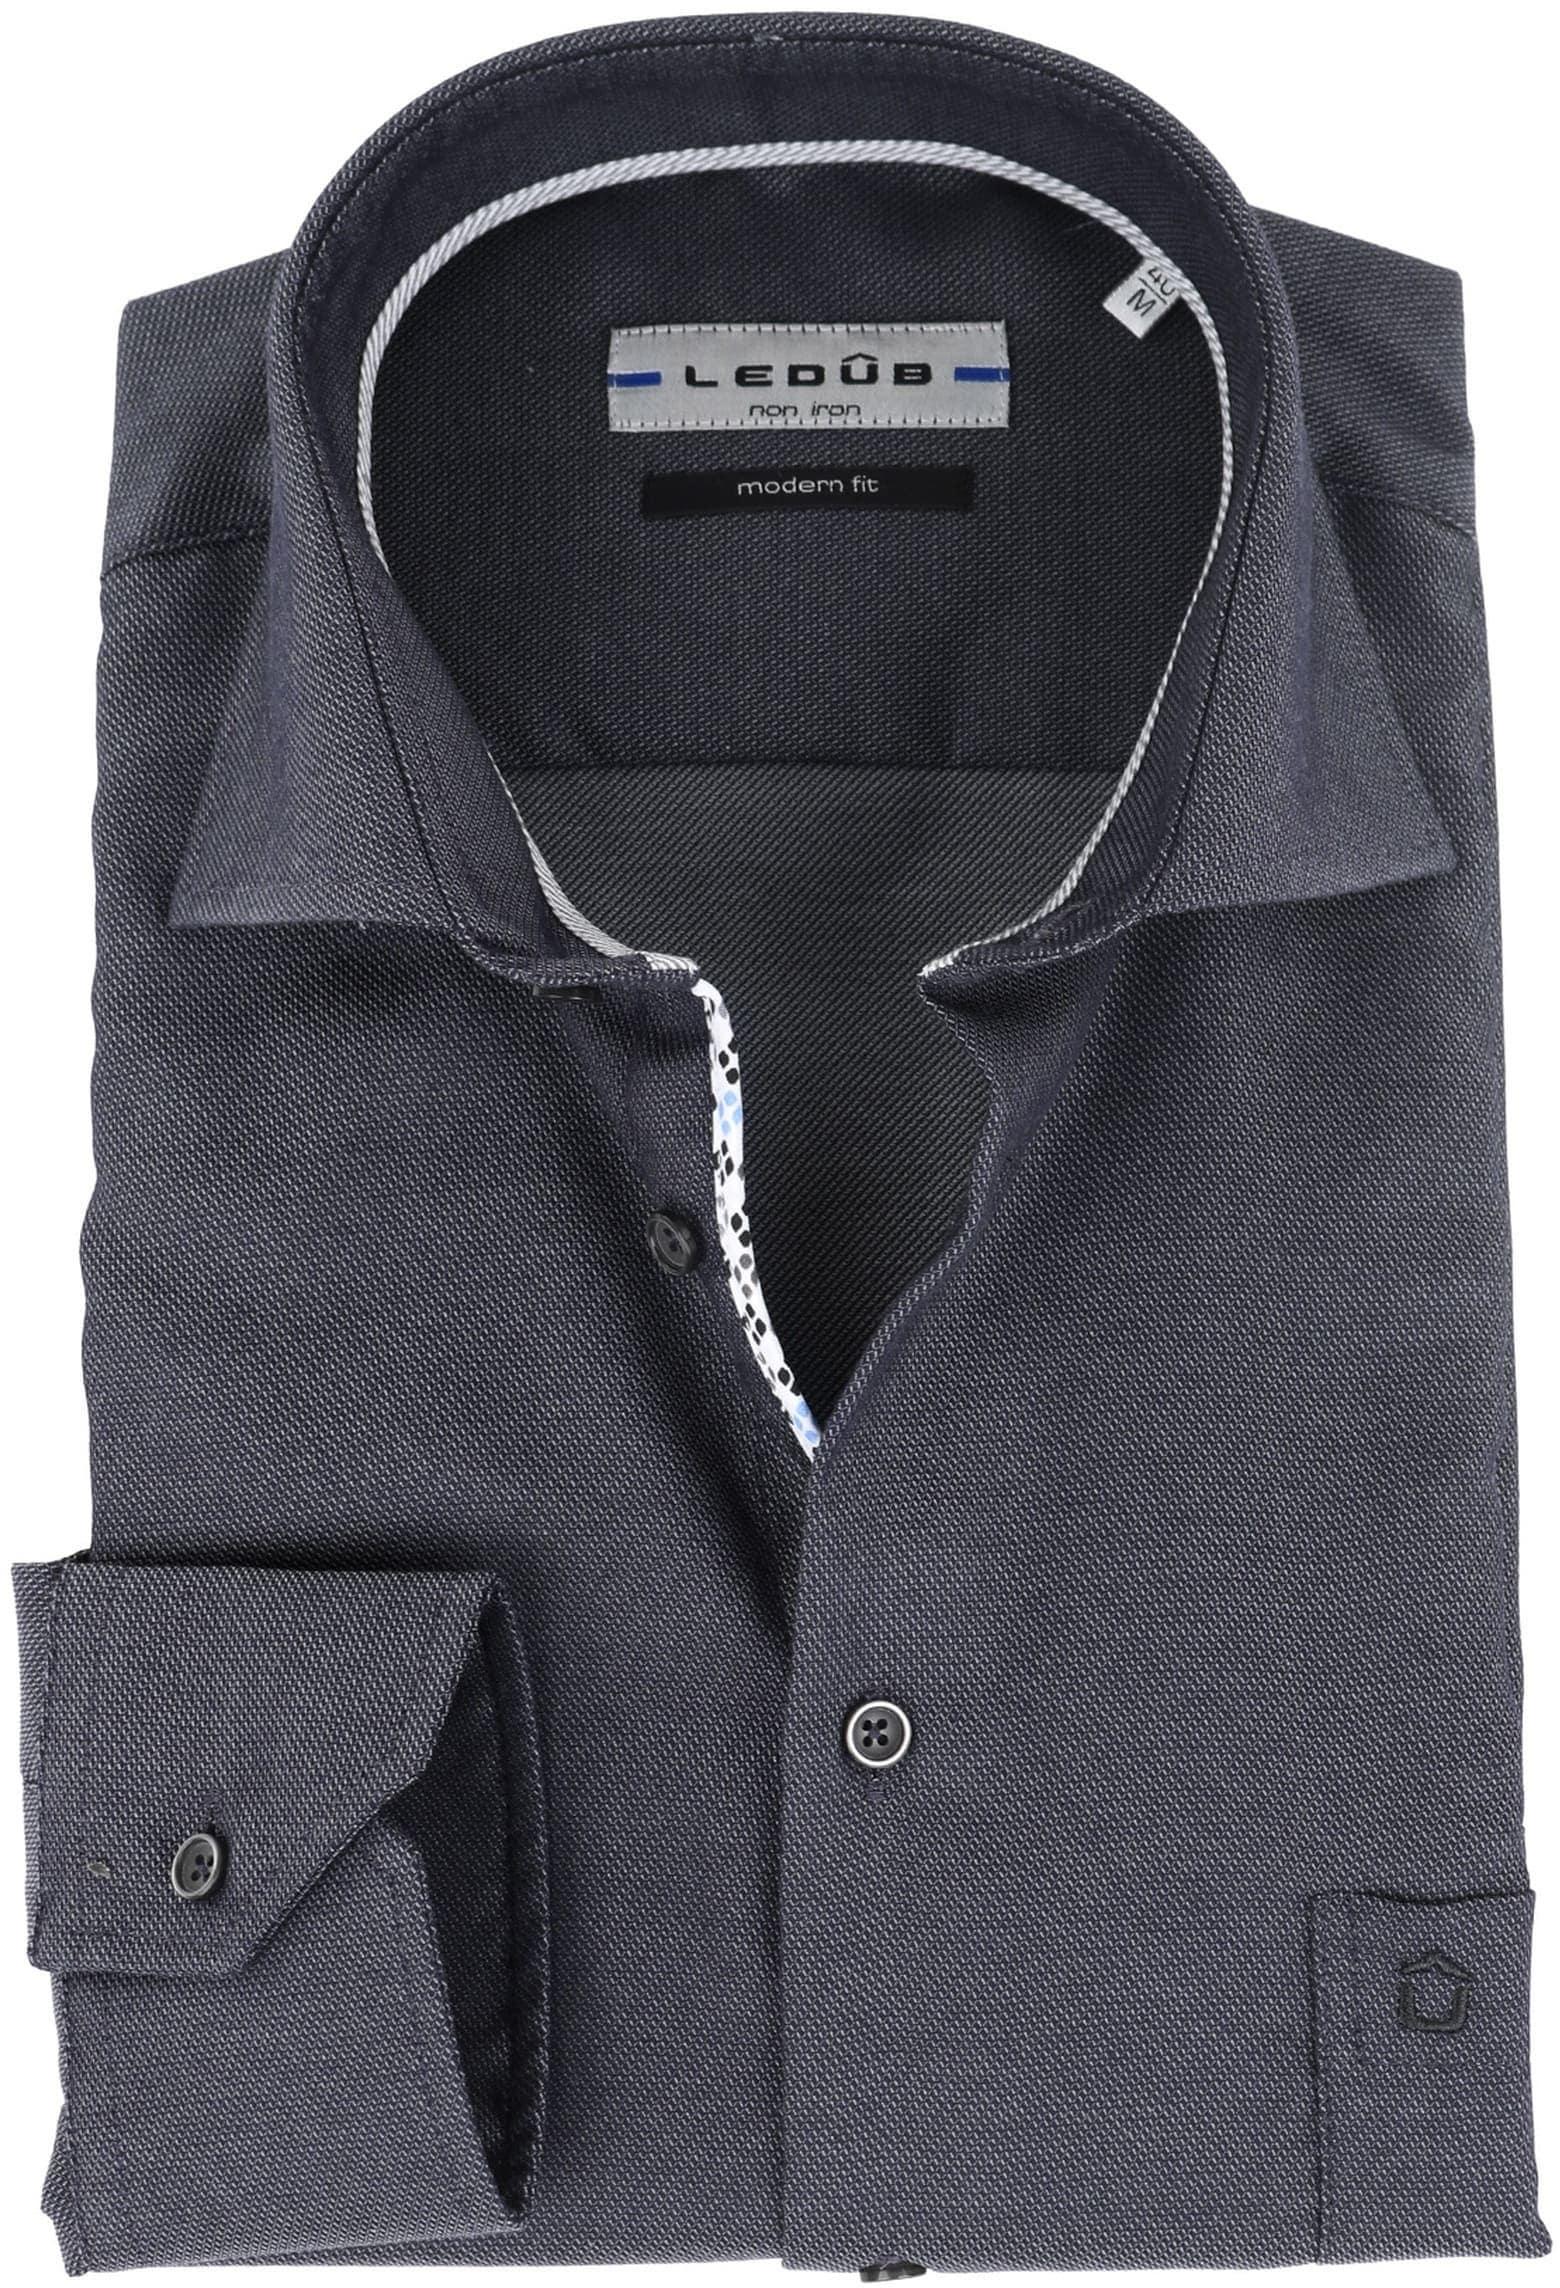 Ledub Overhemd Strijkvrij Antraciet foto 0